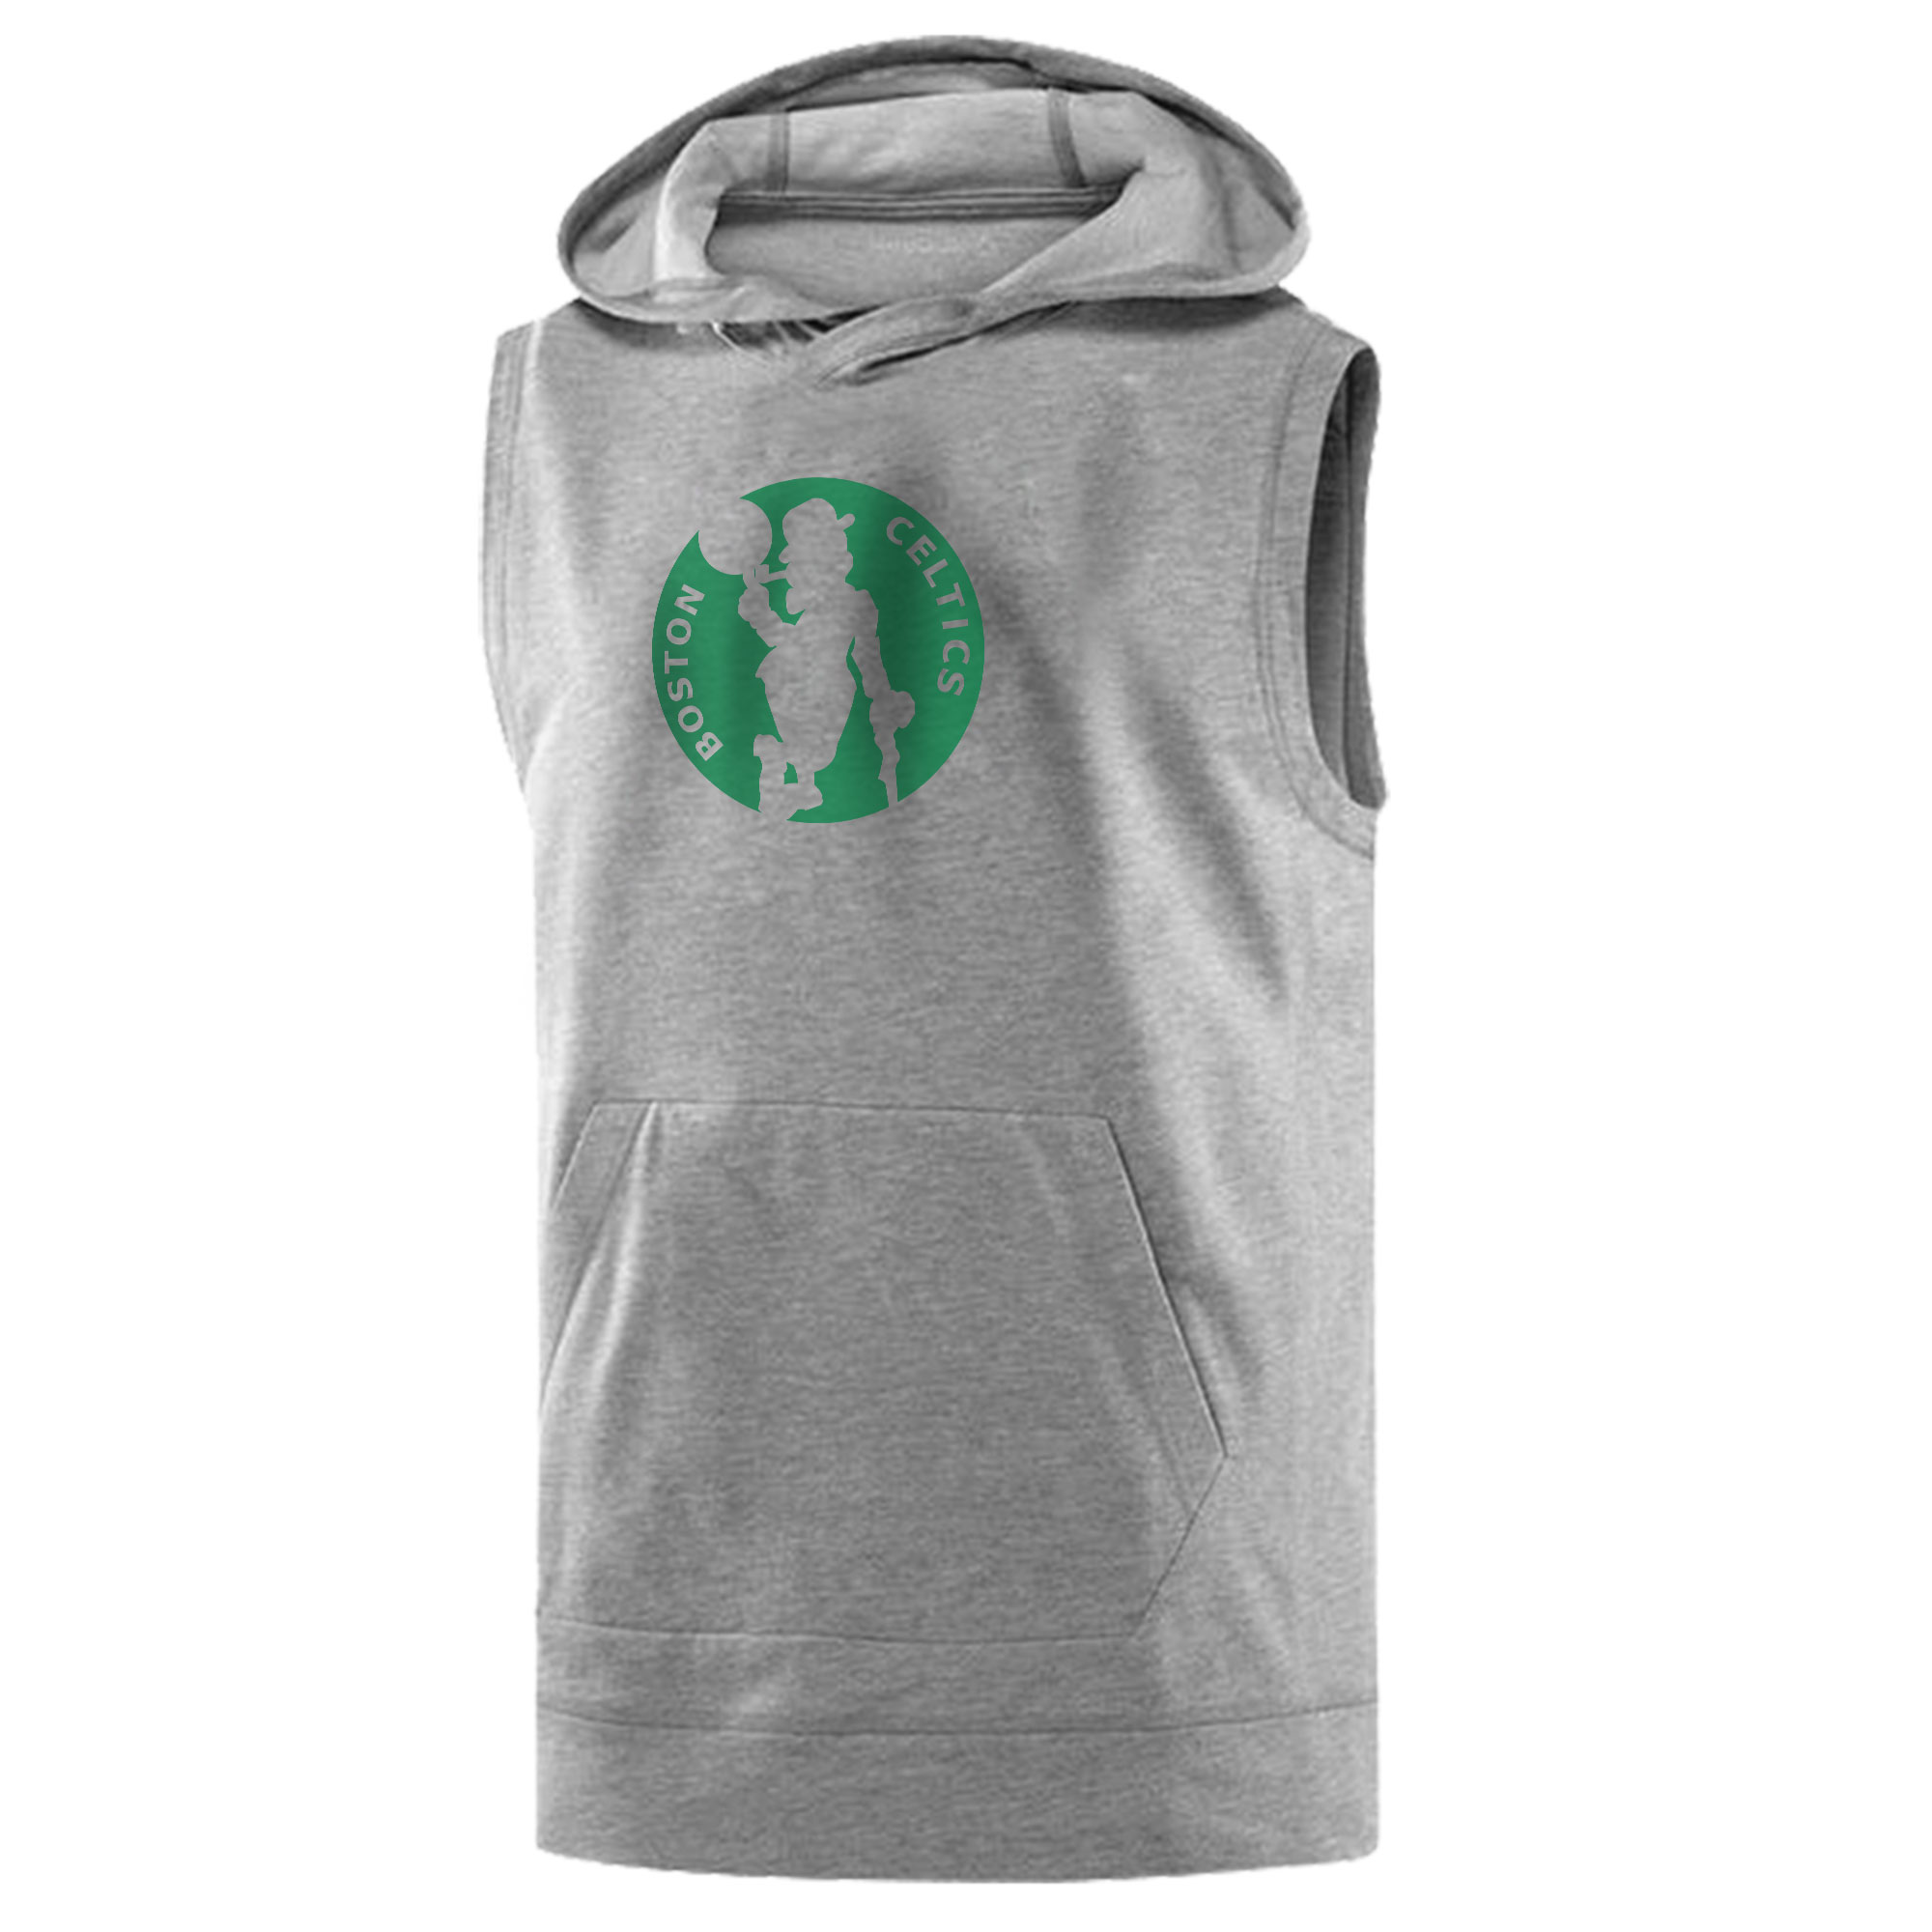 Boston Celtics Sleeveless (KLS-GRY-NP-35-NBA-BSTN-LOGO.2)